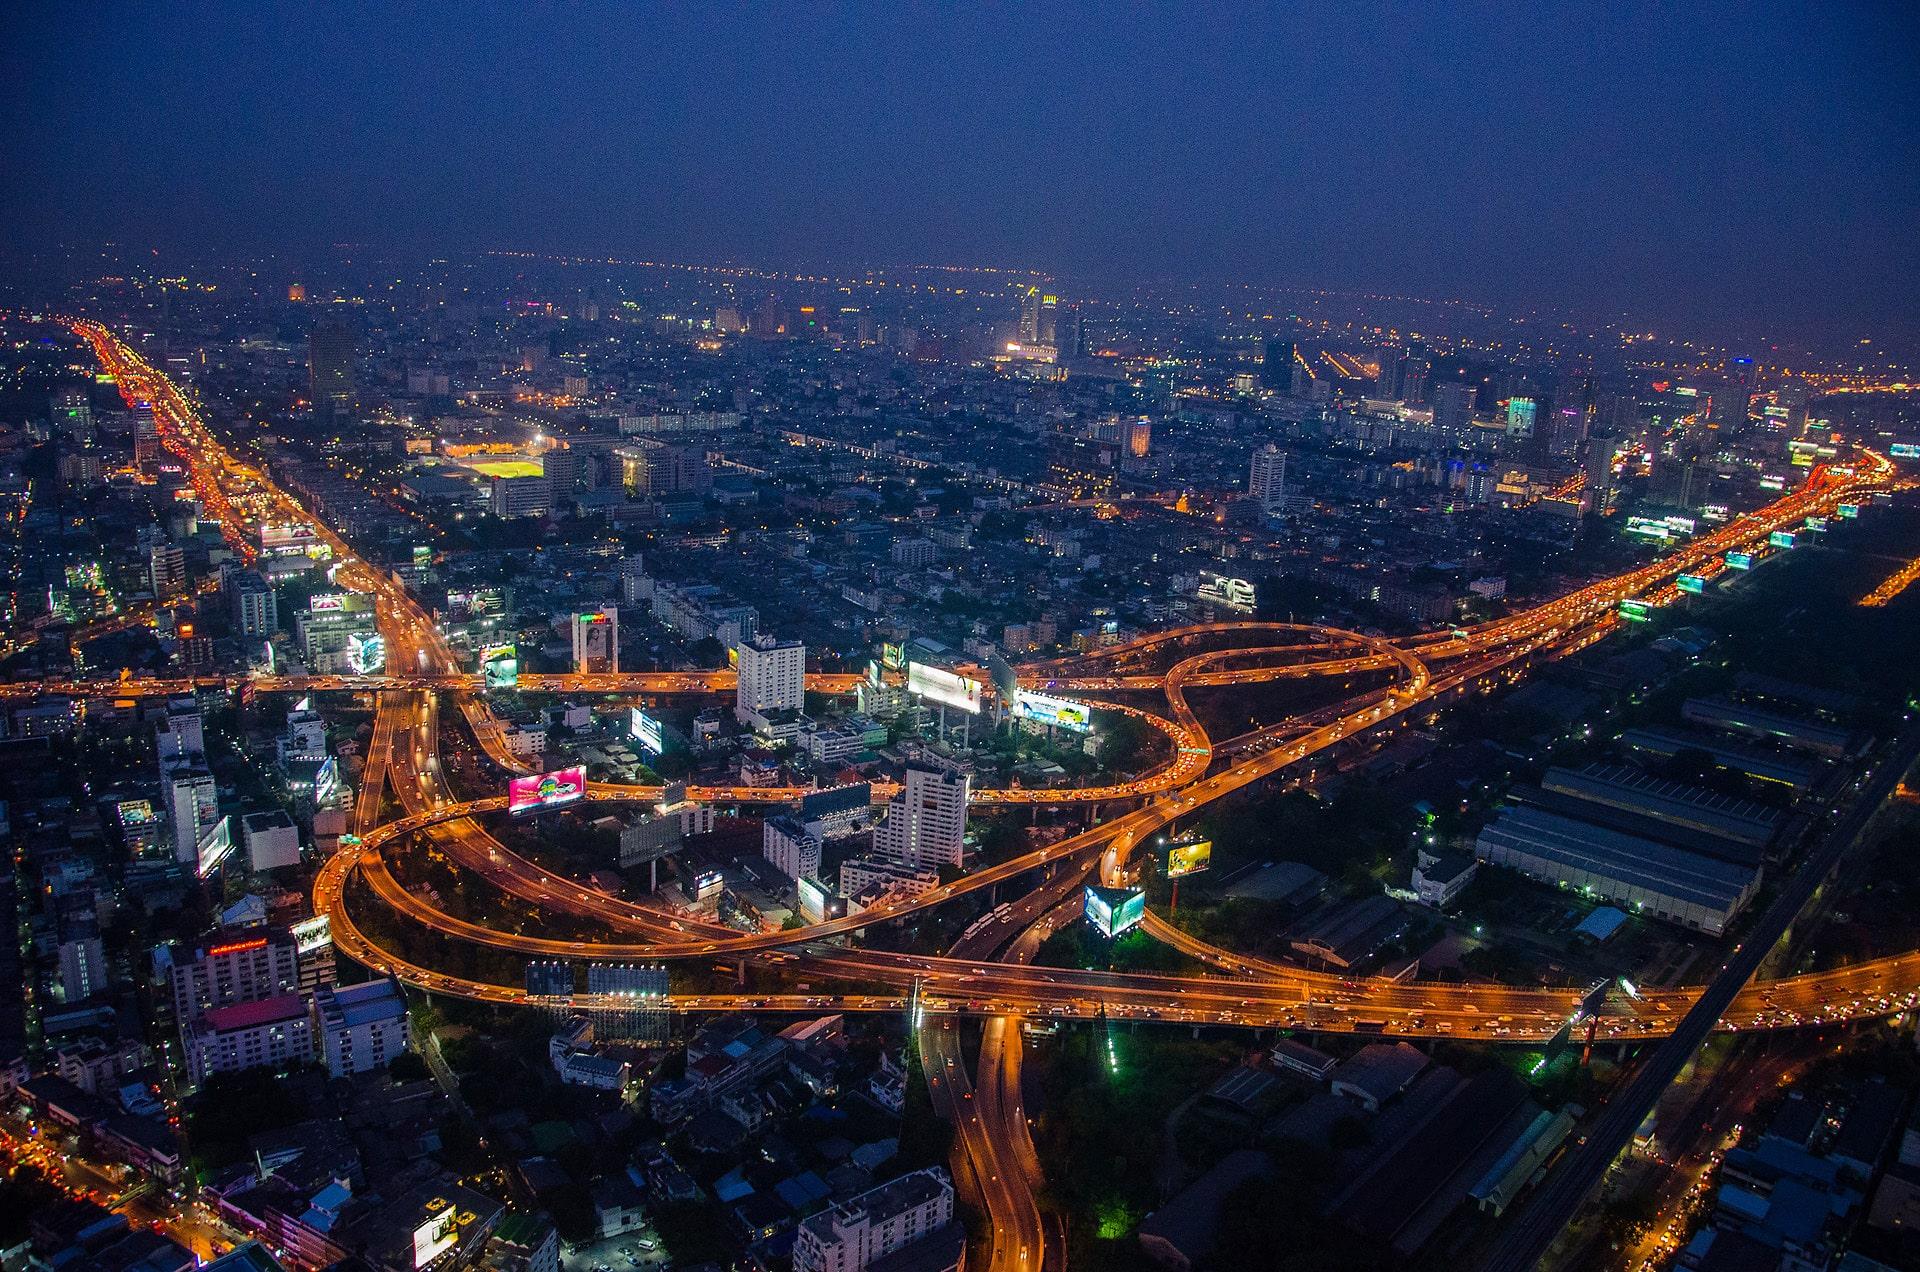 город фото тайланде тогда